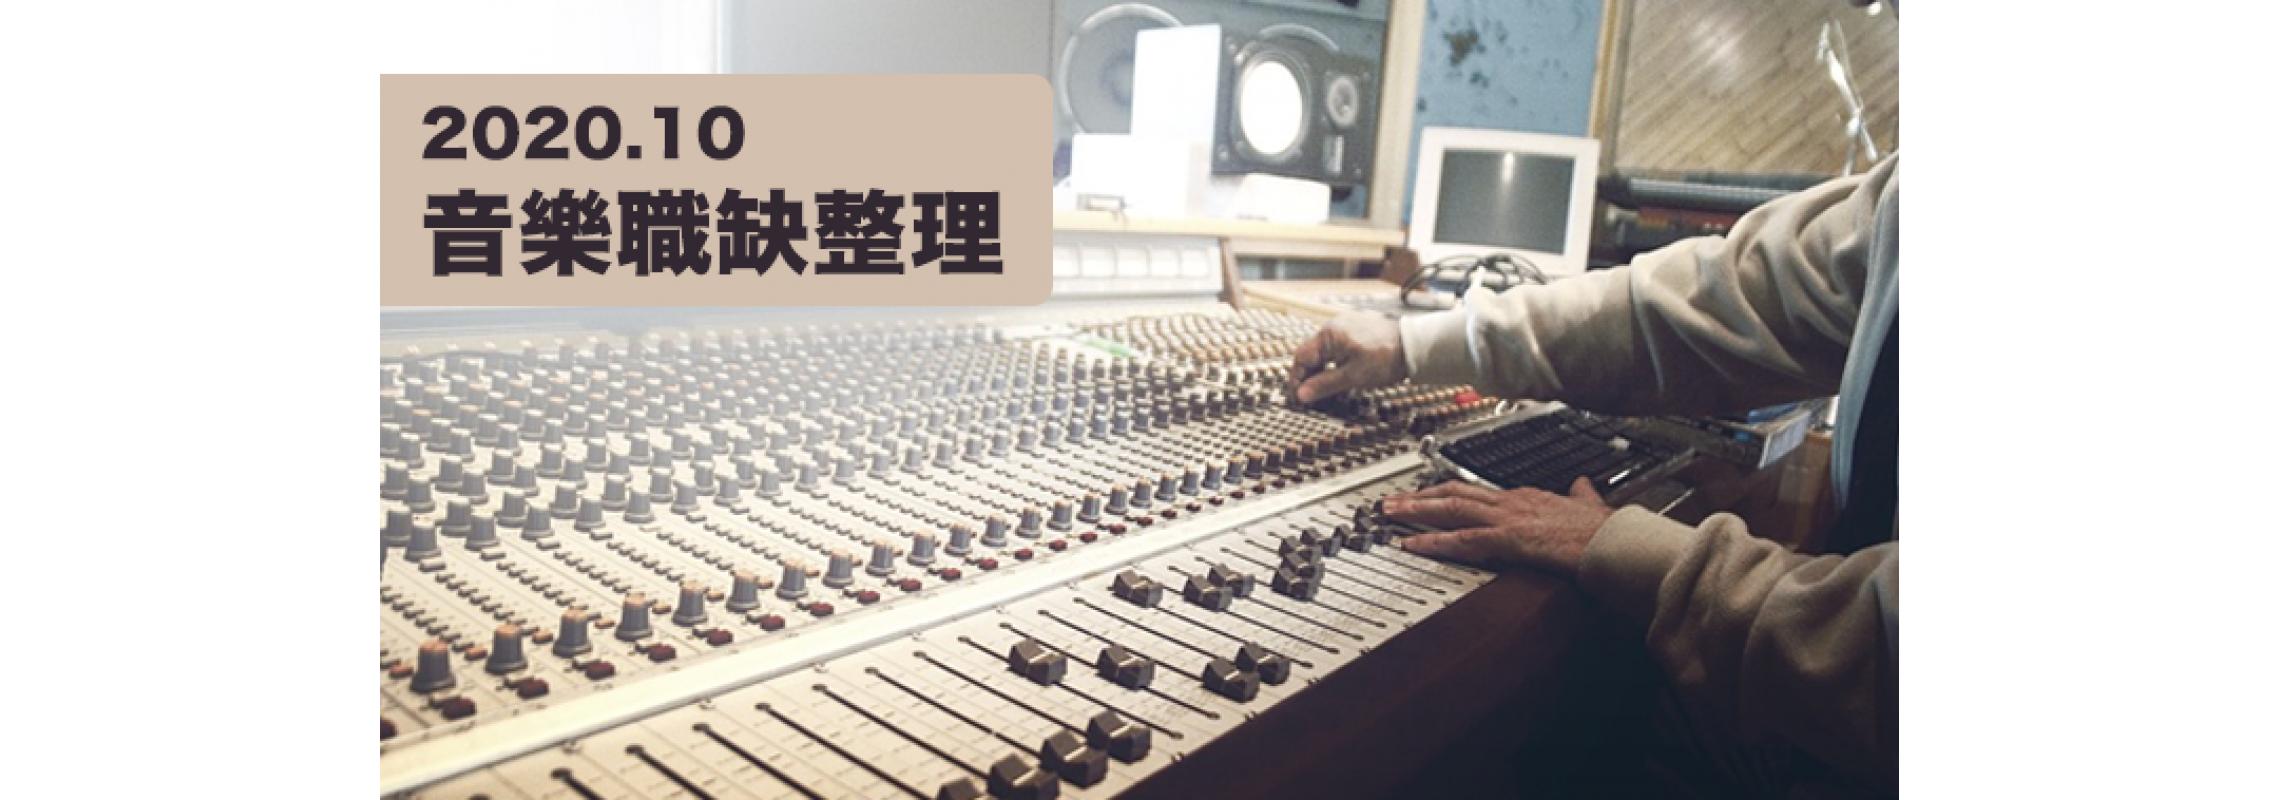 【踏上音樂職人之路】2020 10月音樂職缺更新